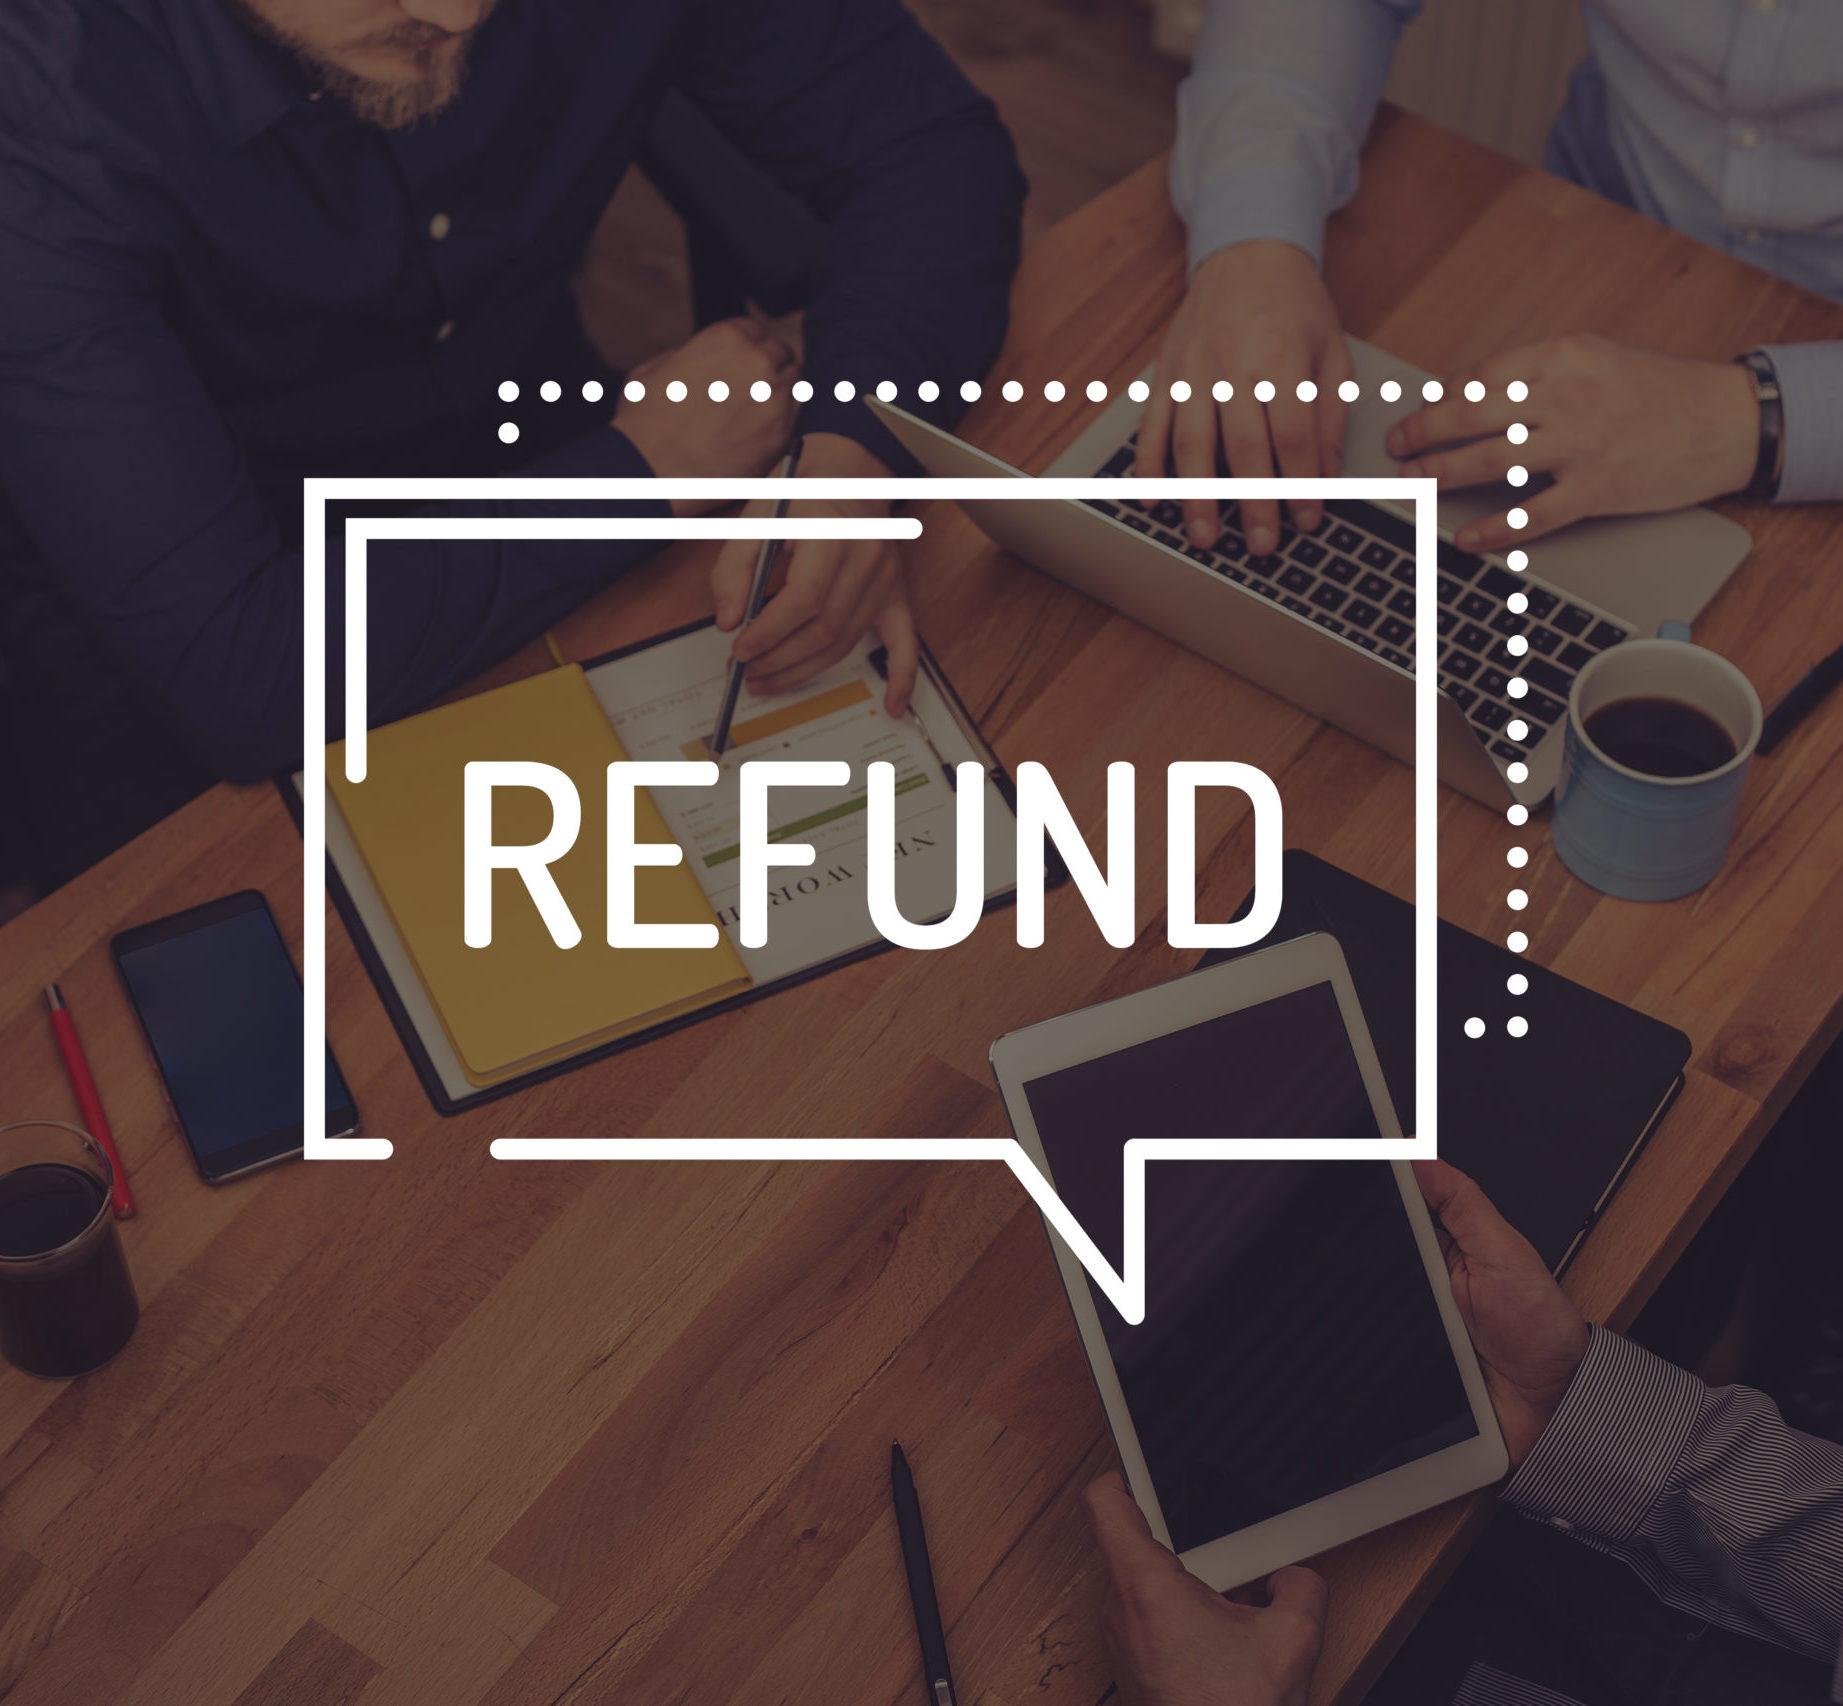 Covid-19 insurance premium refunds